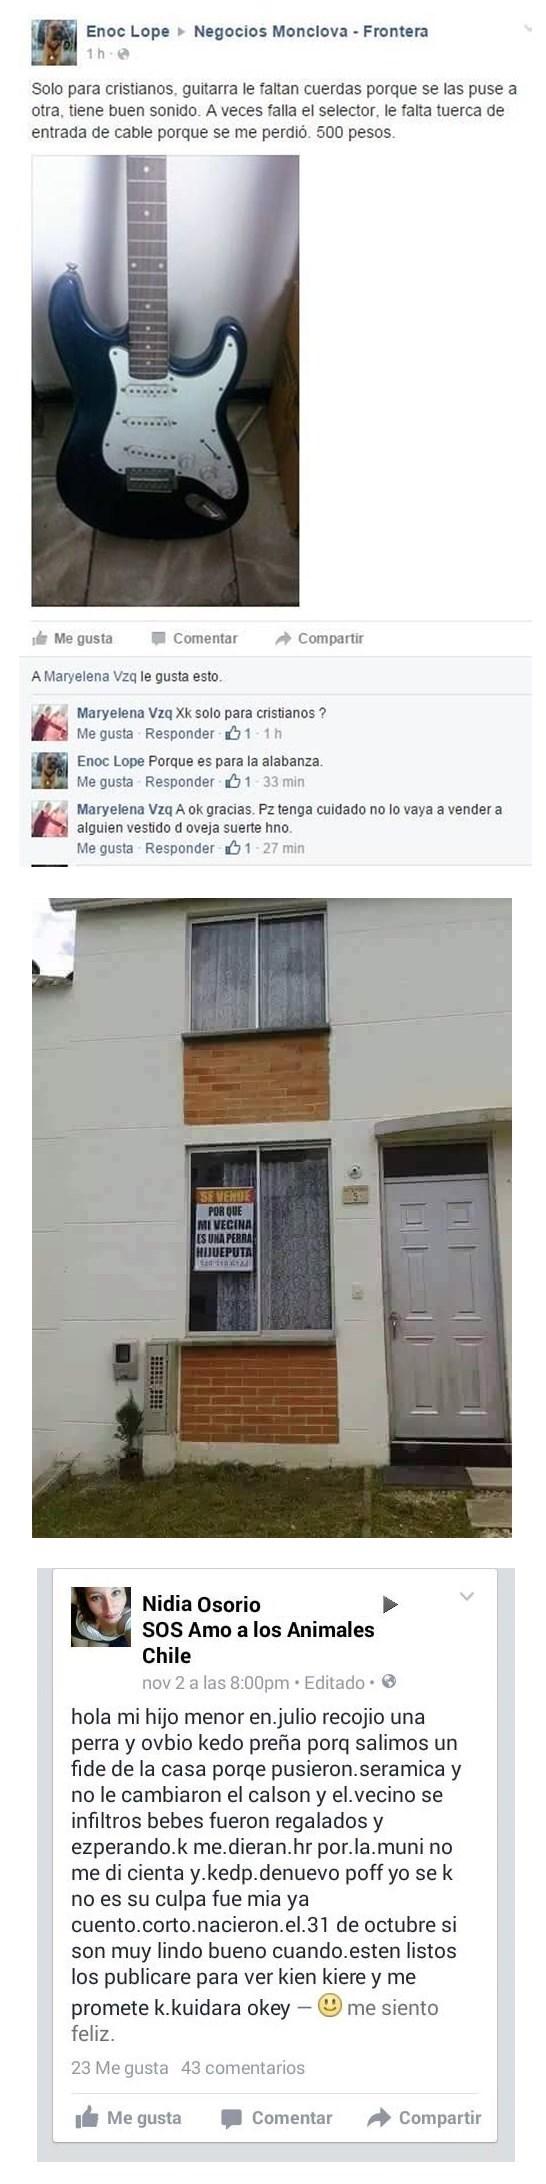 Avisos comunitarios